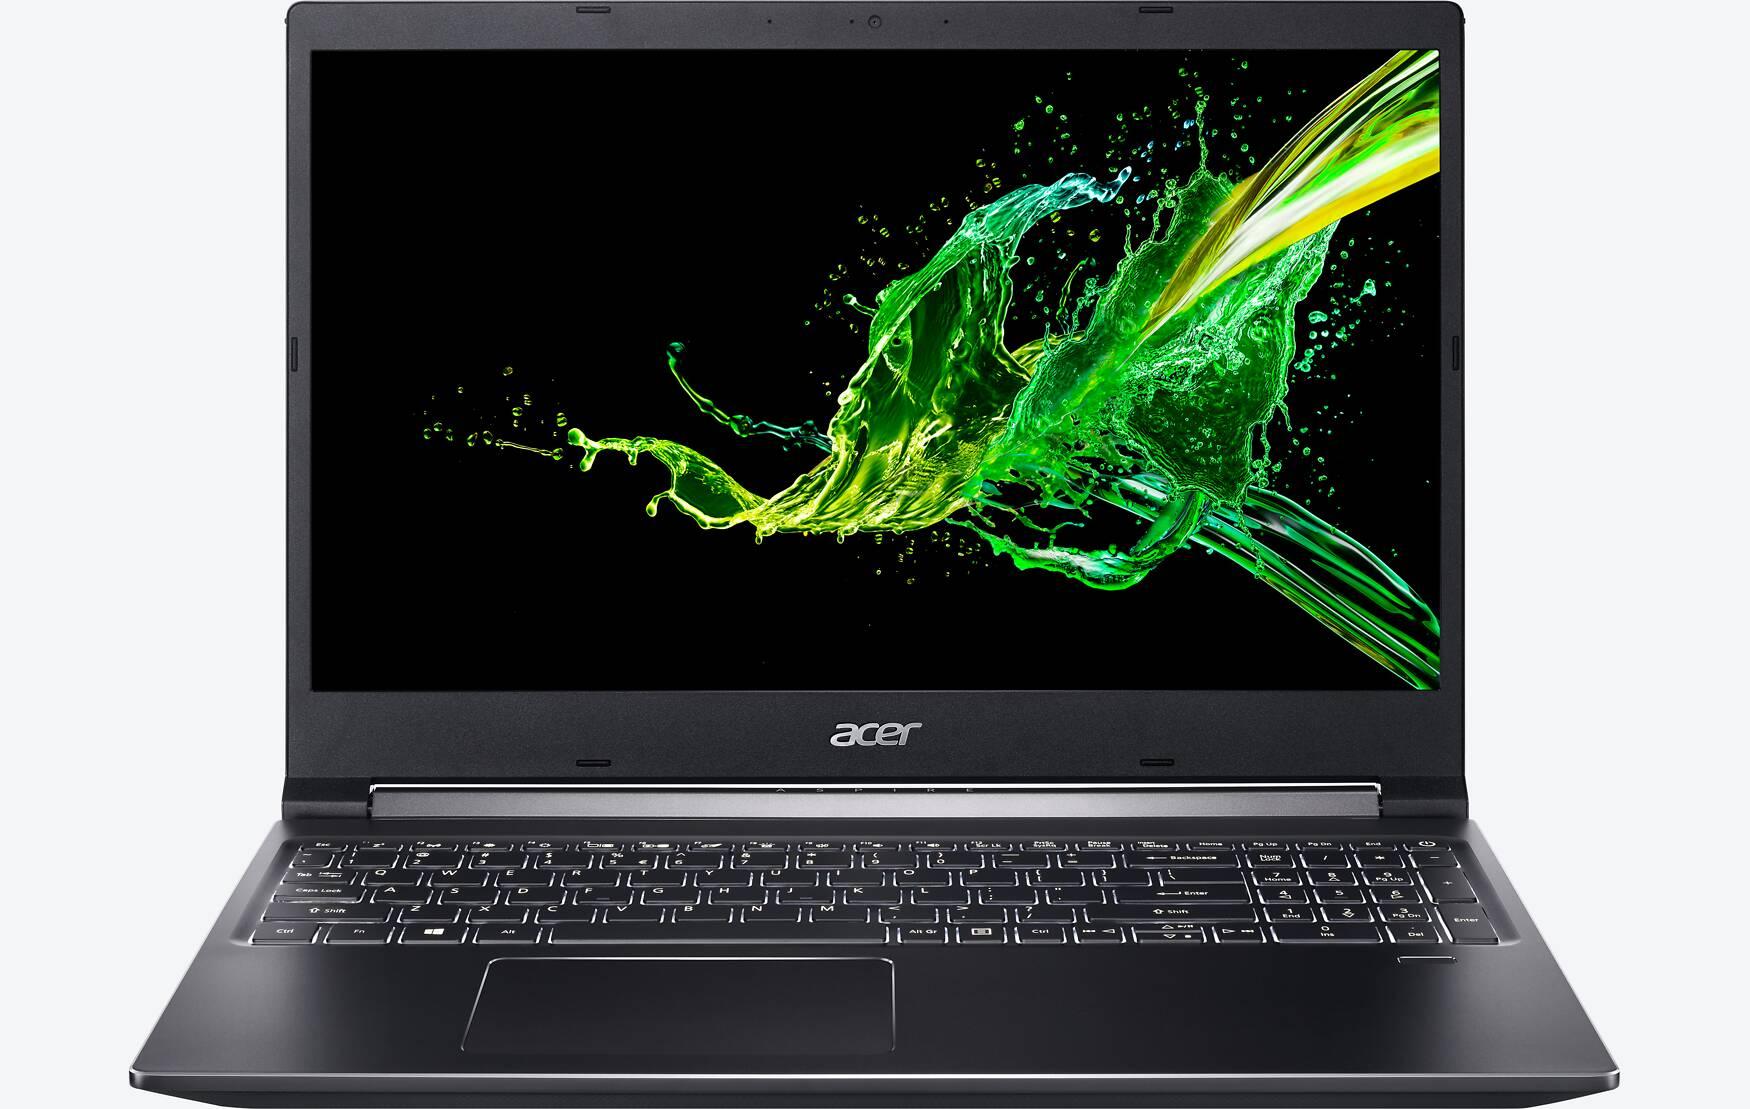 Acer Aspire 7 A717-72G-74P1